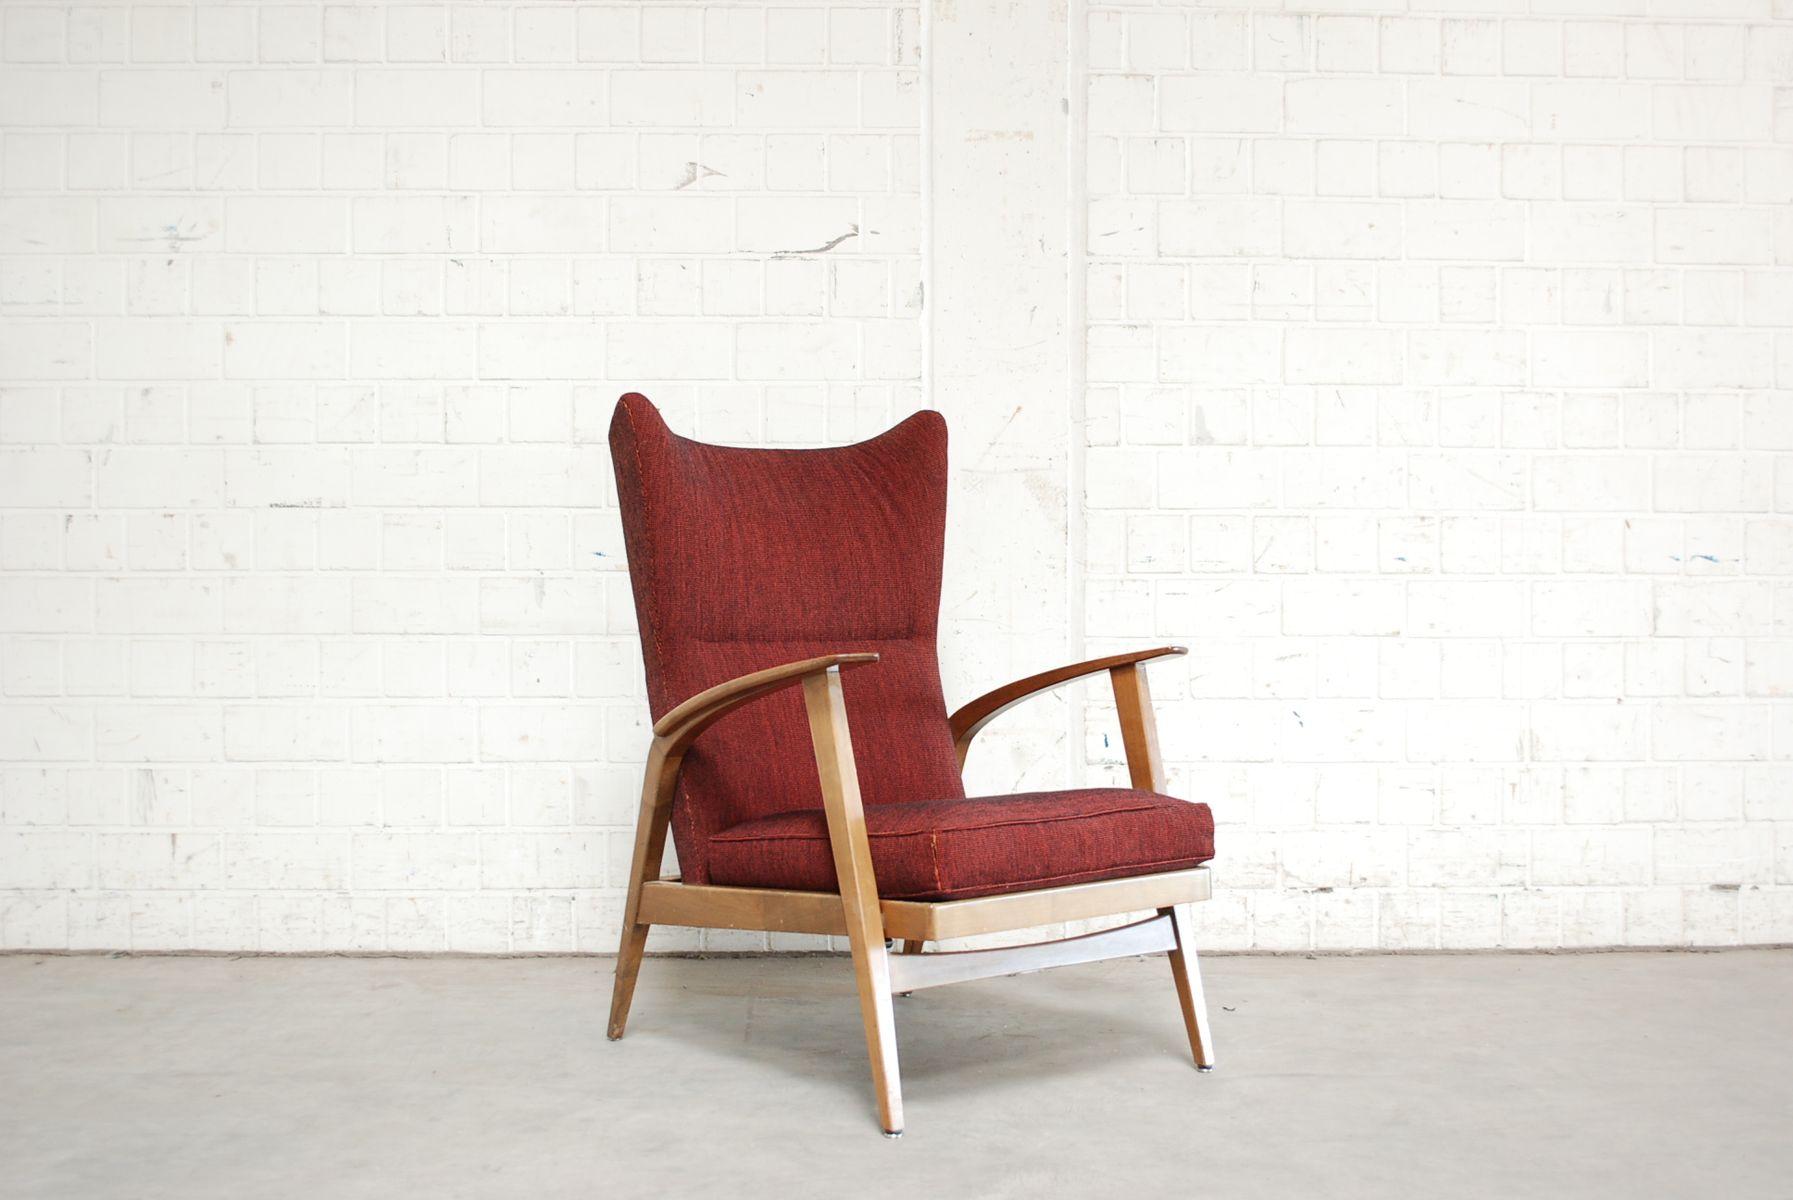 fauteuil oreilles inclinable de knoll 1965 en vente sur. Black Bedroom Furniture Sets. Home Design Ideas